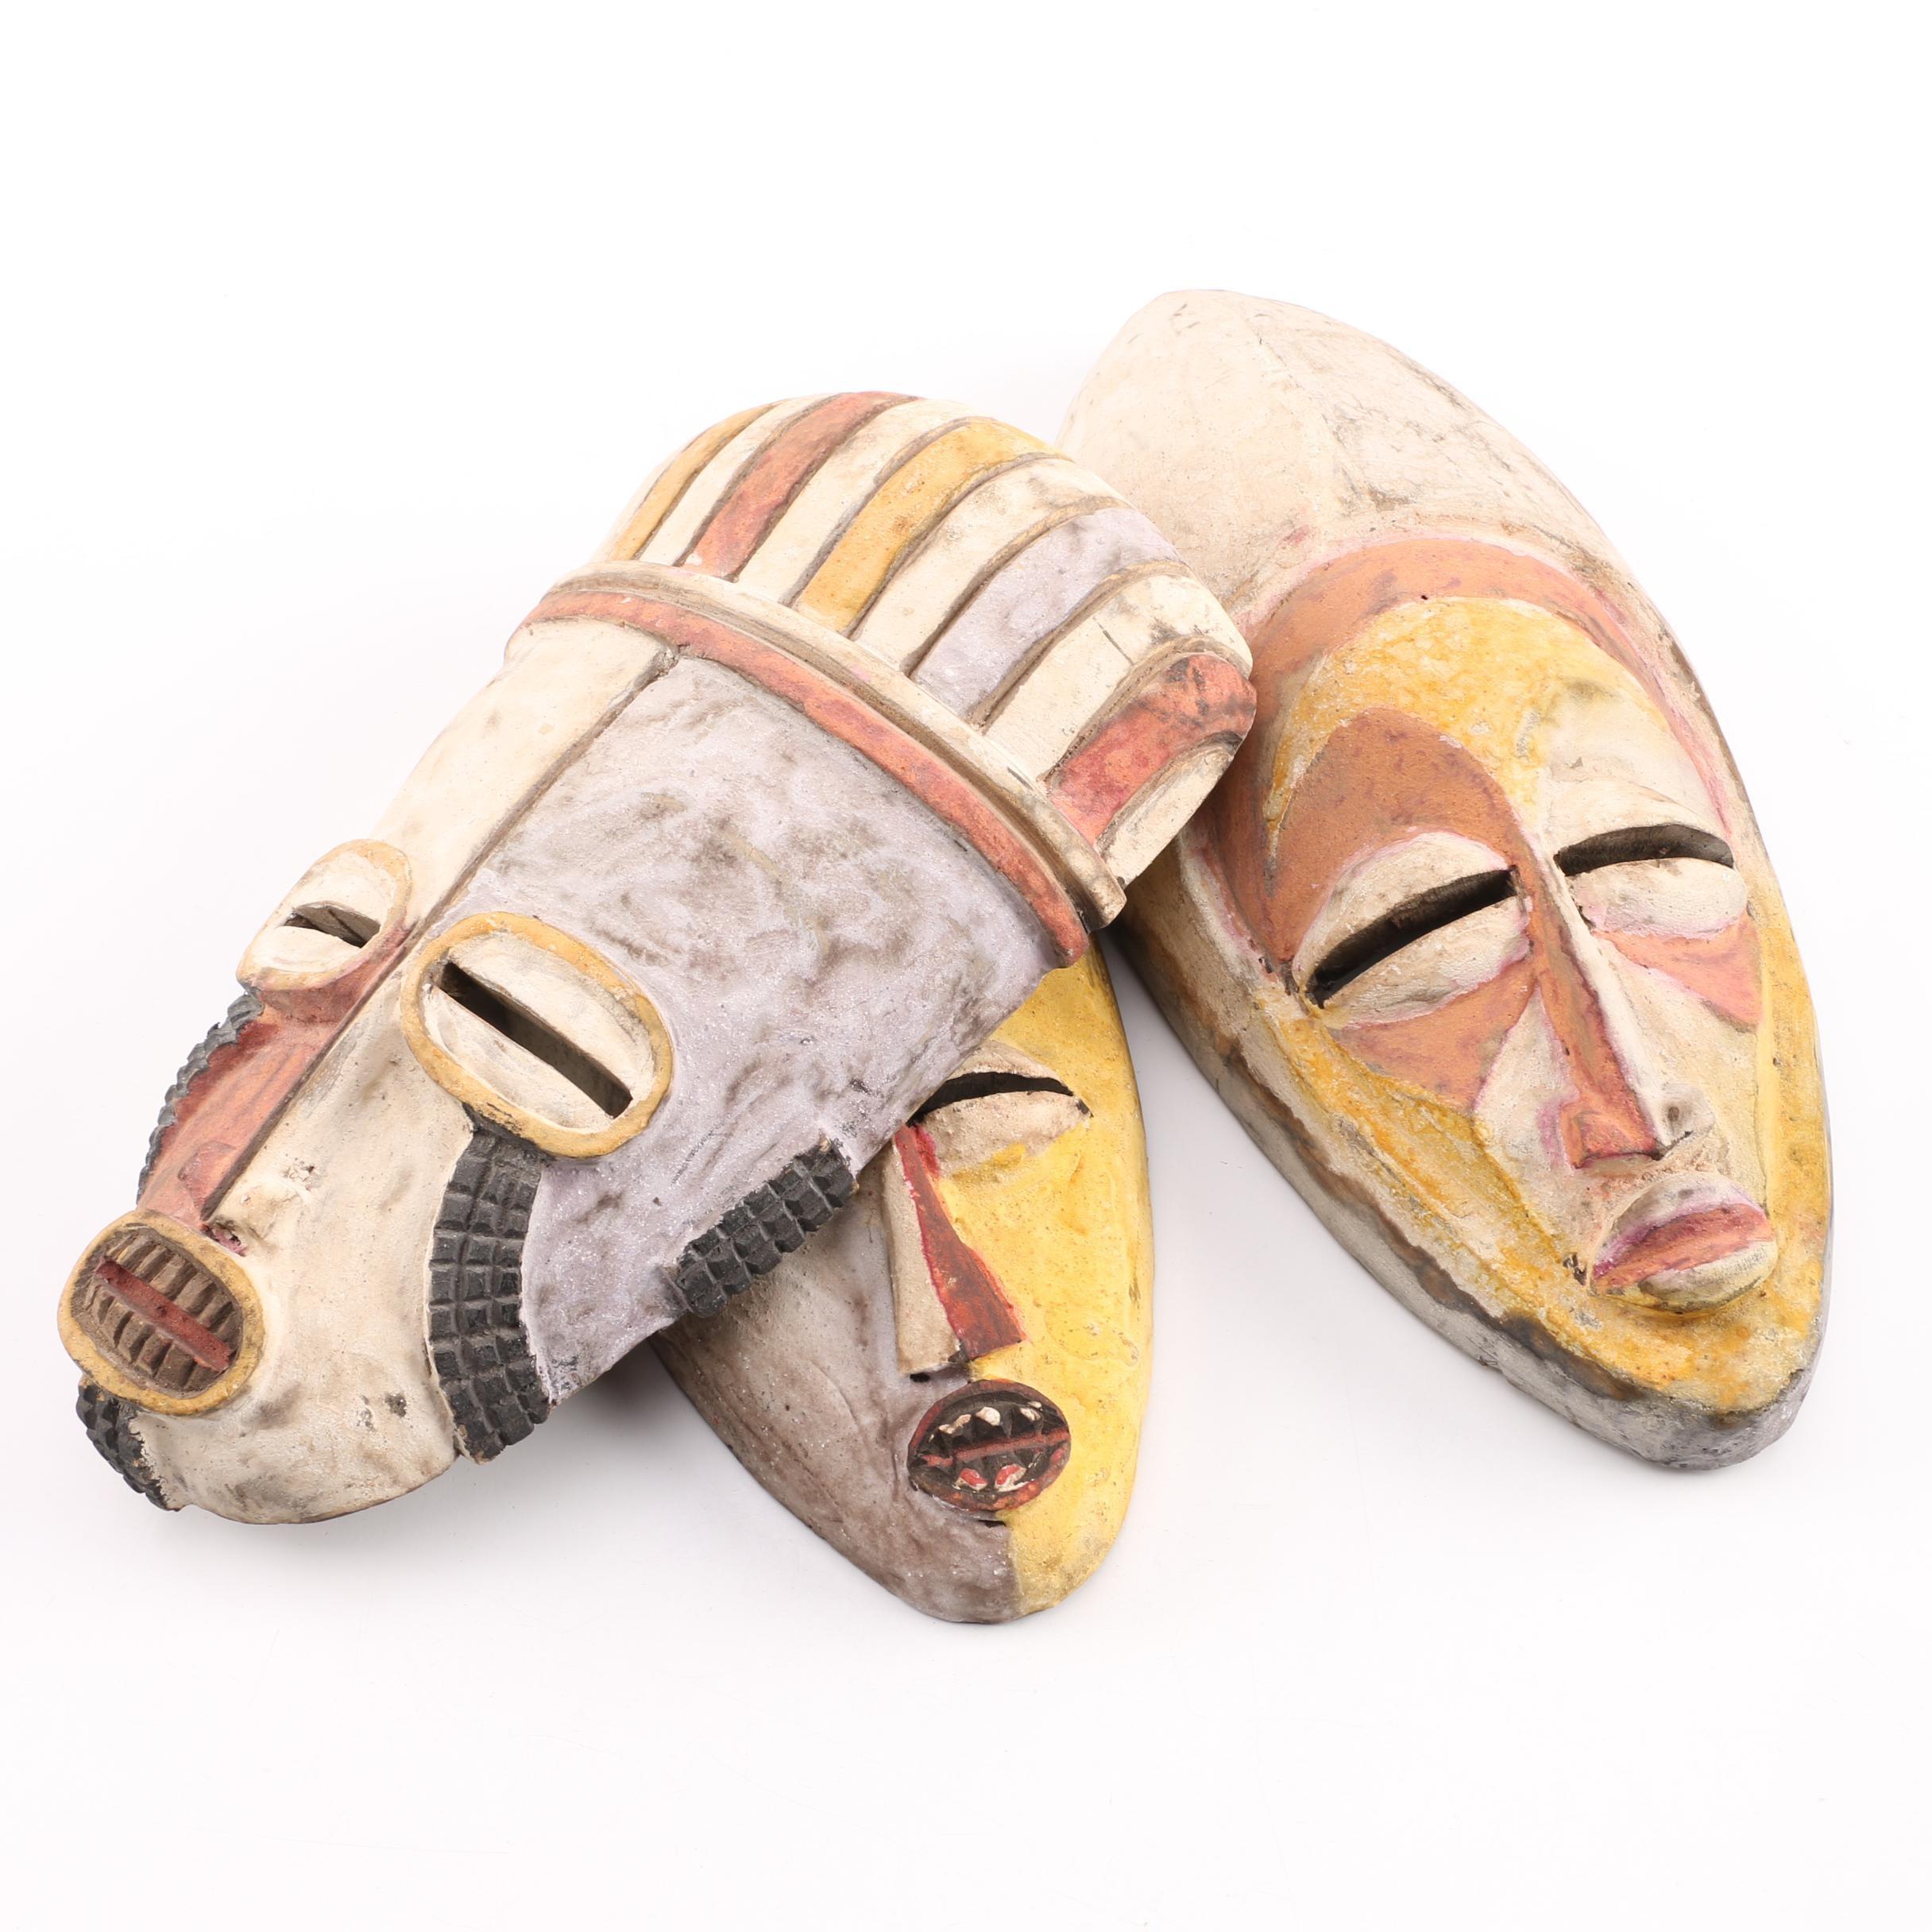 Three Carved Wood Masks